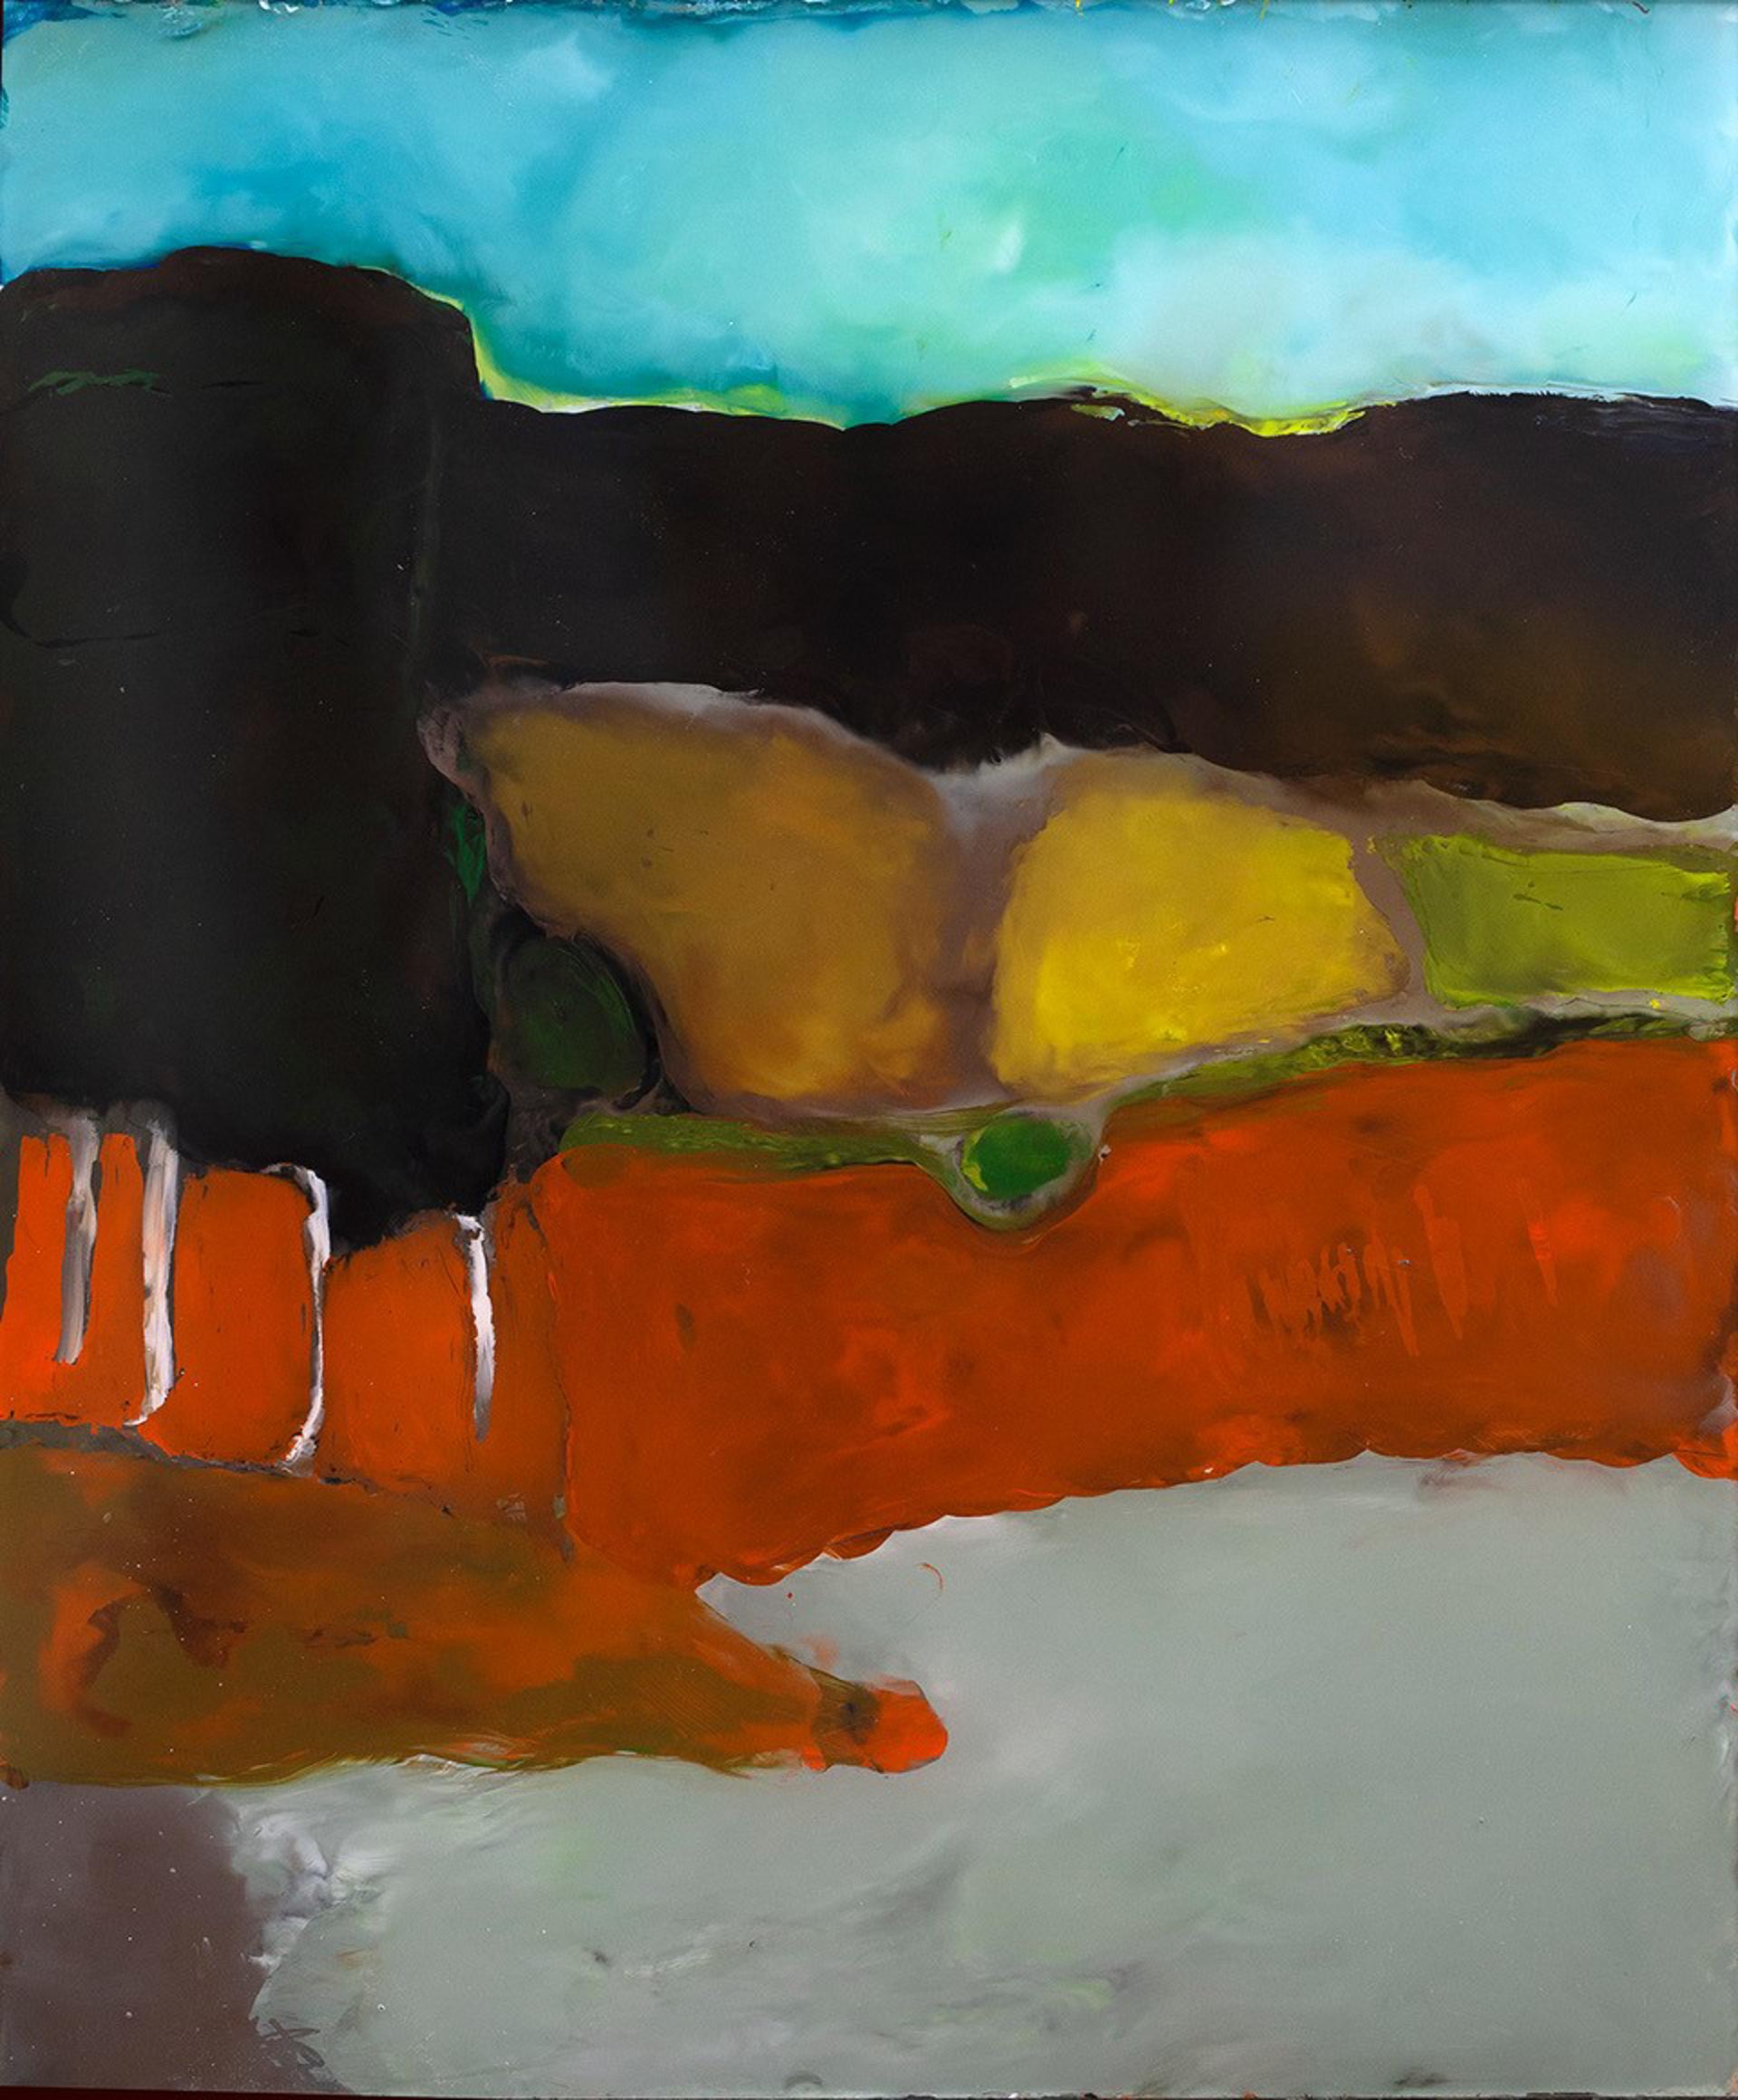 Patterns by John McCaw